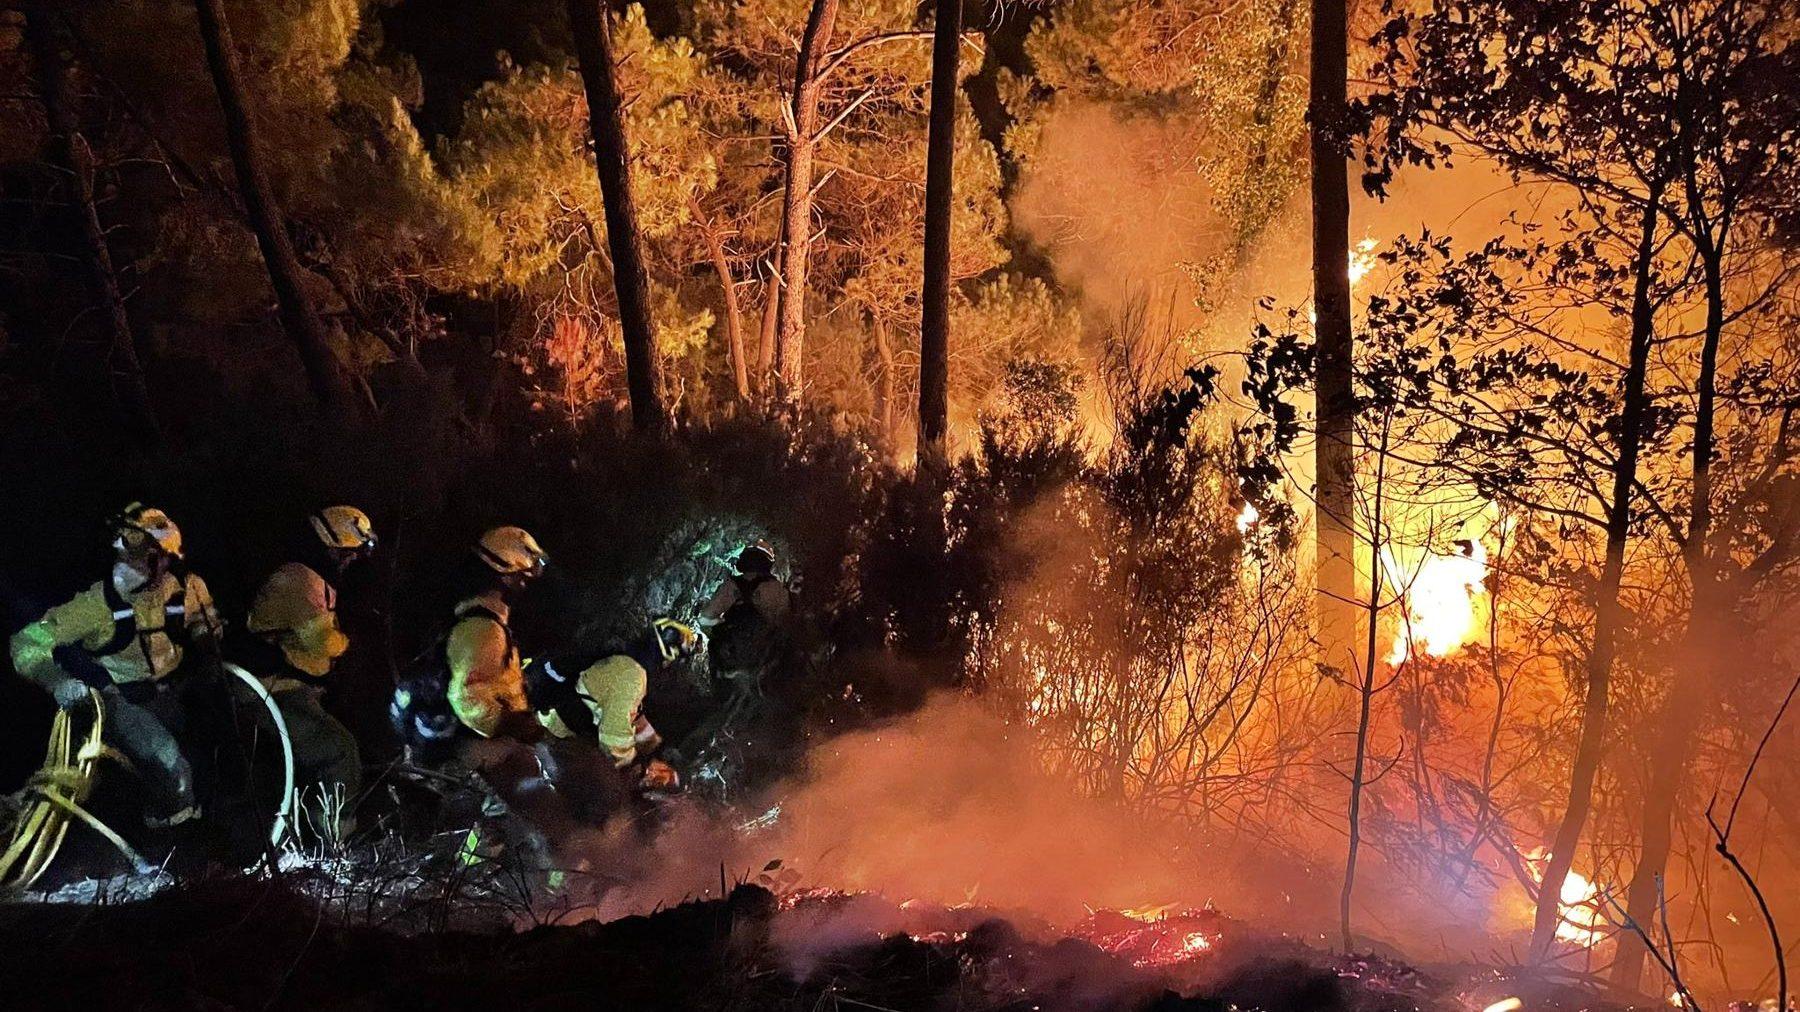 Bomberos participan en labores de extinción del incendio (@Plan_INFOCA).